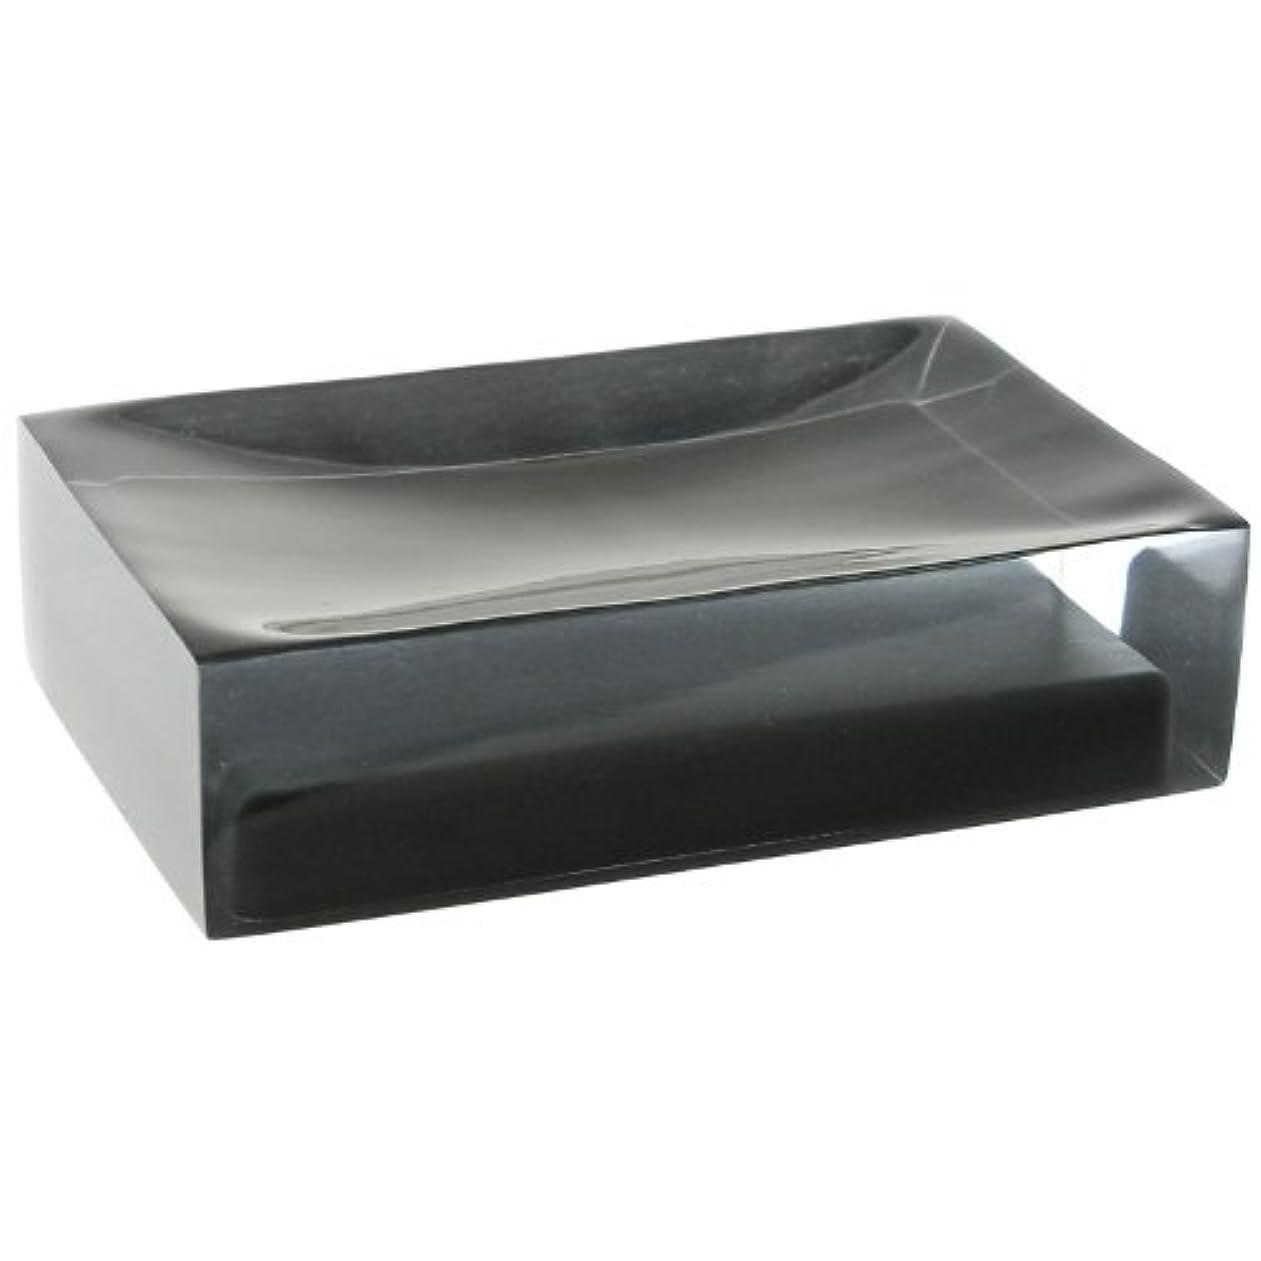 性格はっきりと経由で(Black) - Gedy Gedy RA11-14 Rainbow Soap Holder, 0.8cm L x 11cm W, Black